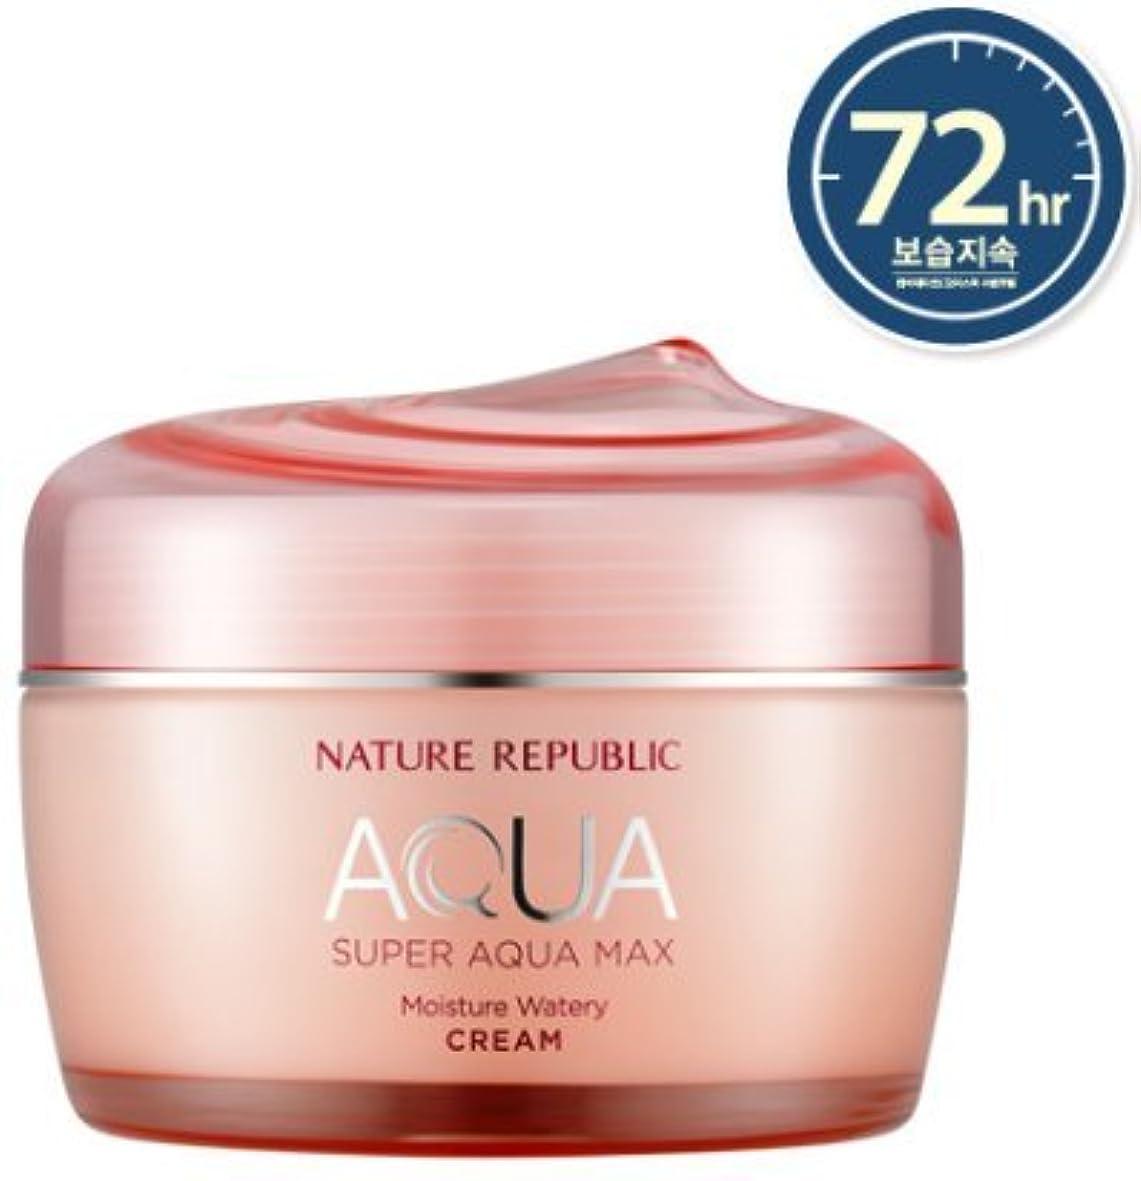 エイズ残基全国[NATURE REPUBLIC] スーパーアクアマックスモイスチャー水分クリーム / Super Aqua Max Moisture Watery Cream 80ml (乾燥肌用) [並行輸入品]